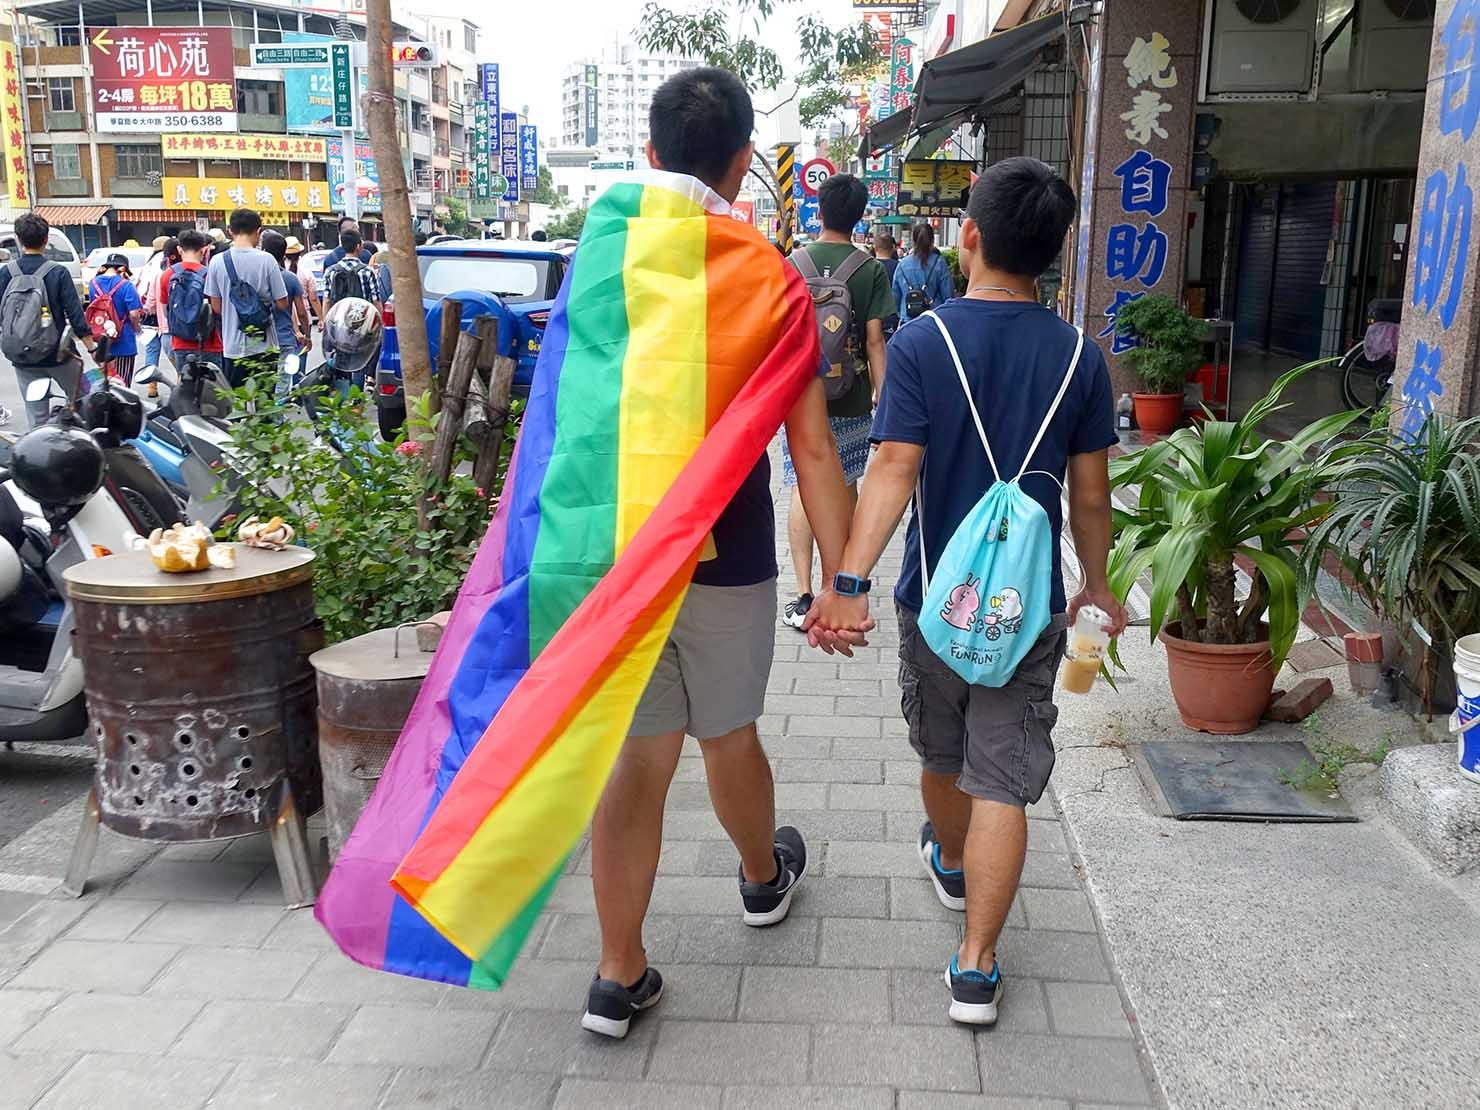 高雄同志大遊行(高雄プライド)2018パレードを手を繋いで歩くカップル